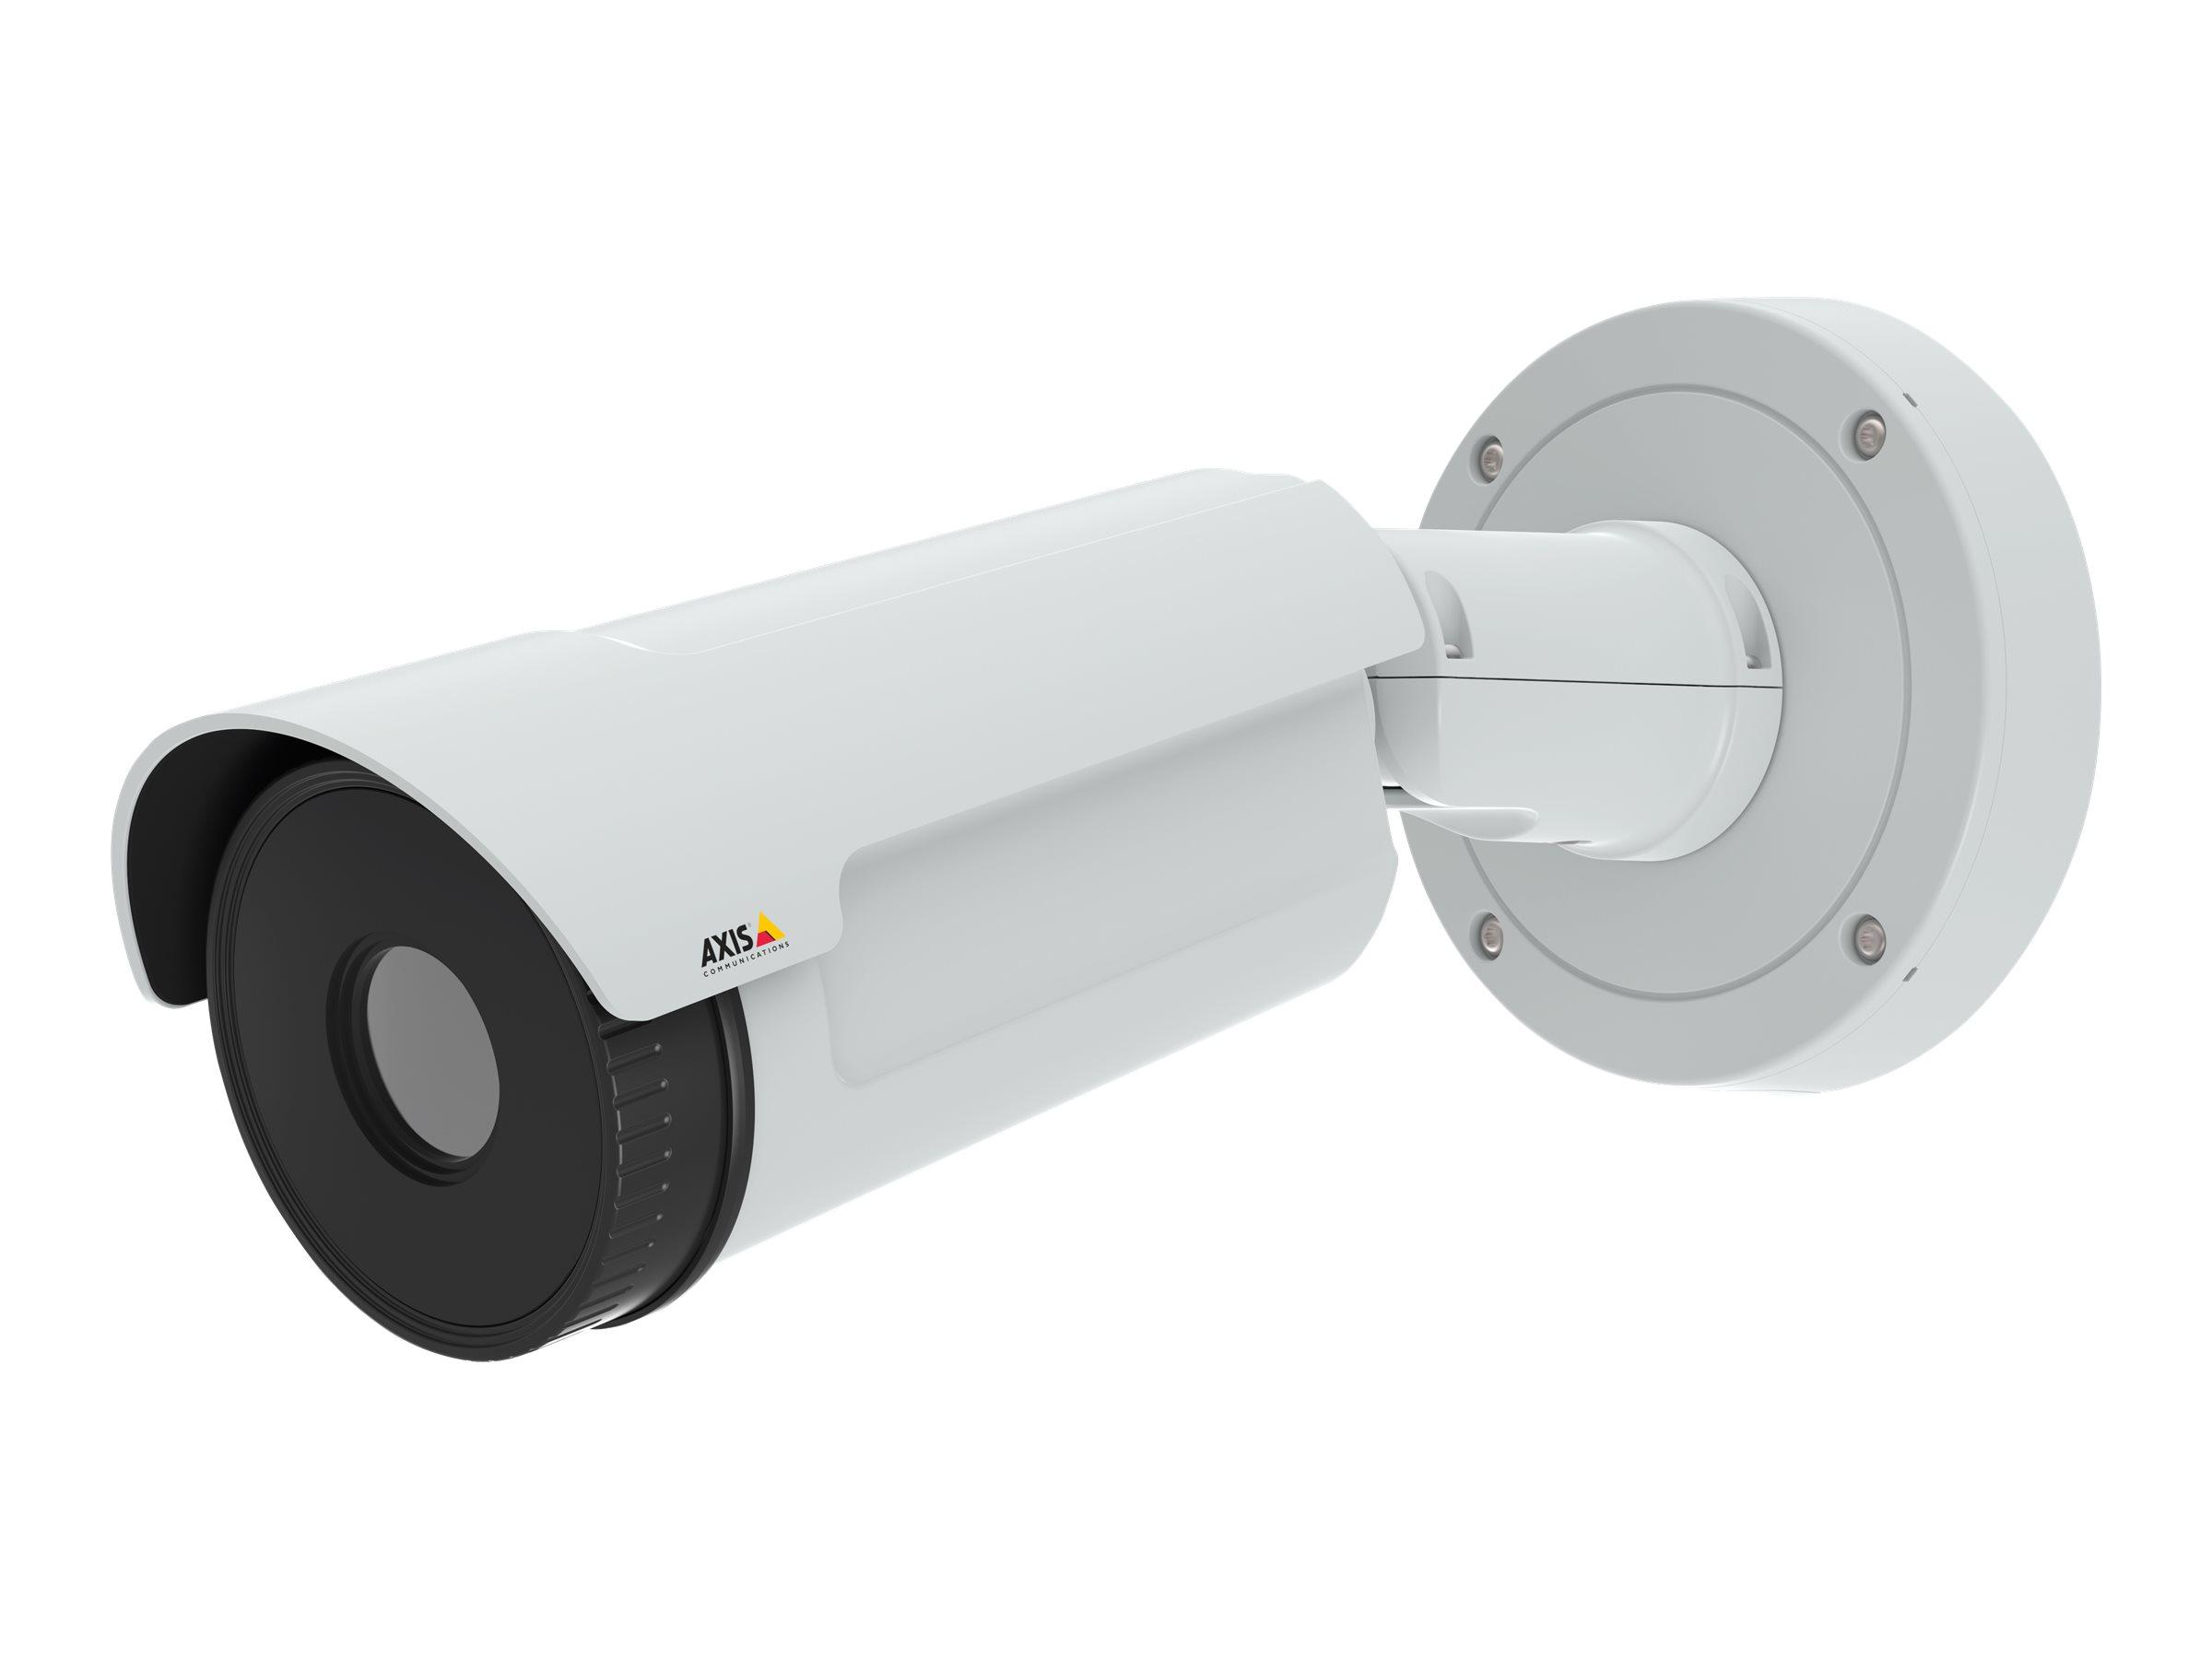 AXIS Q2901-E Temperature Alarm Camera (19mm) - Thermo-Netzwerkkamera - Aussenbereich - Farbe (Tag&Nacht) - 336 x 256 - feste Bre